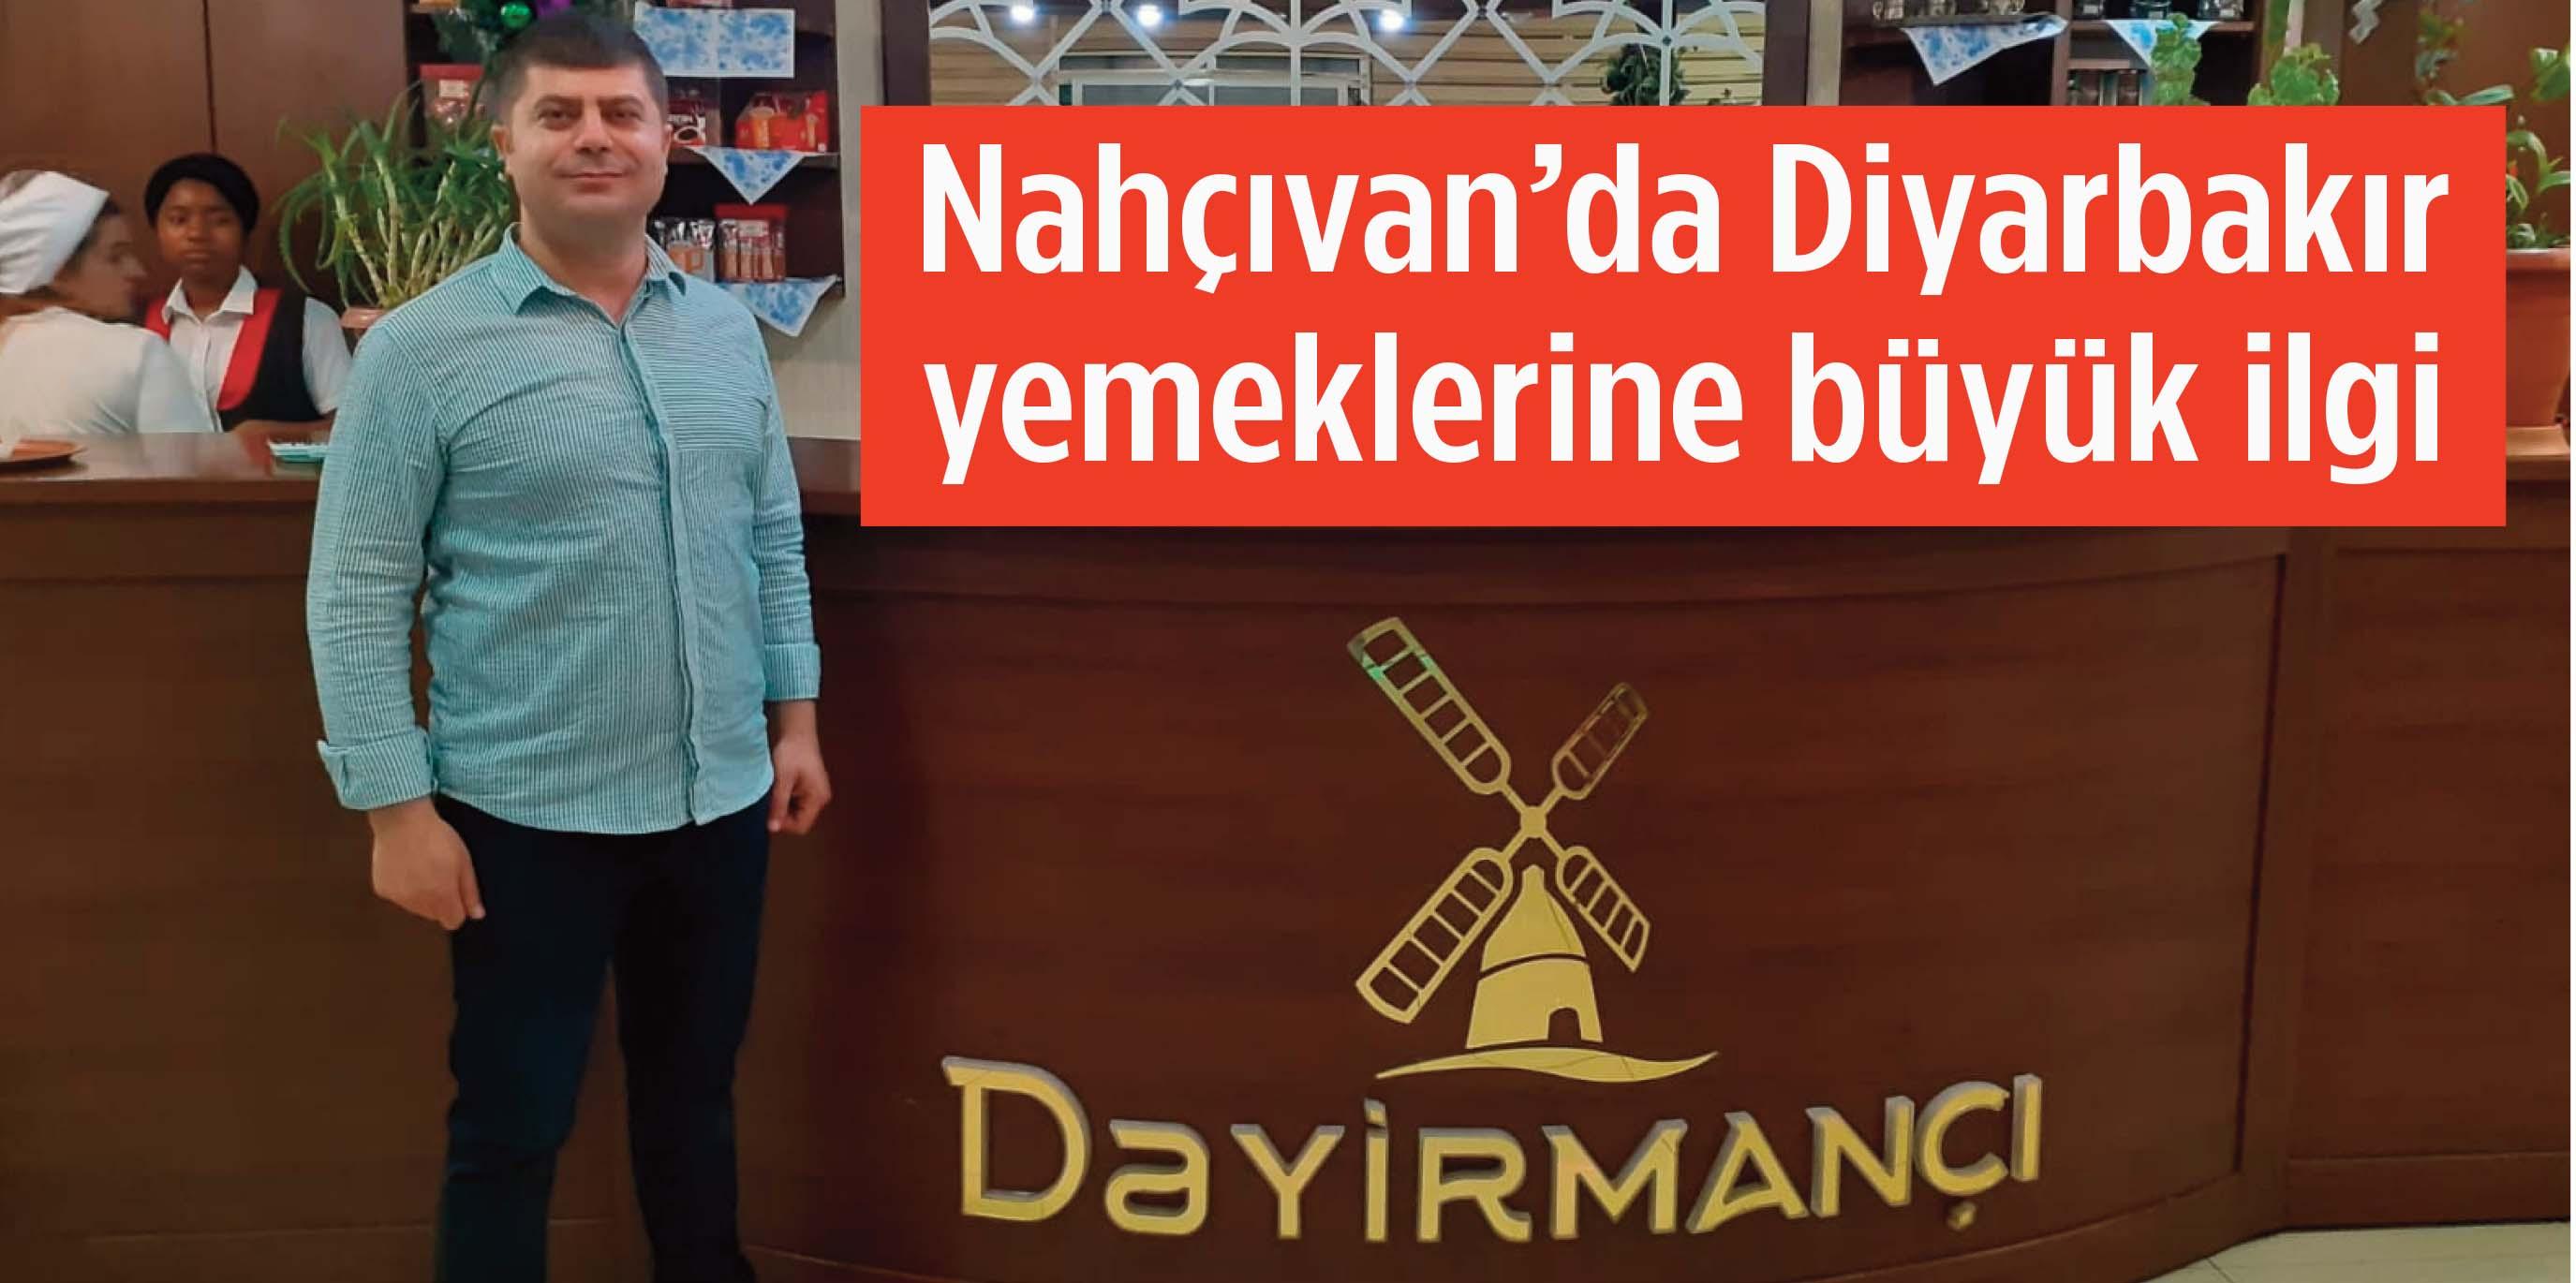 VİDEO-Diyarbakırlı kardeşlerin başarı hikayesi